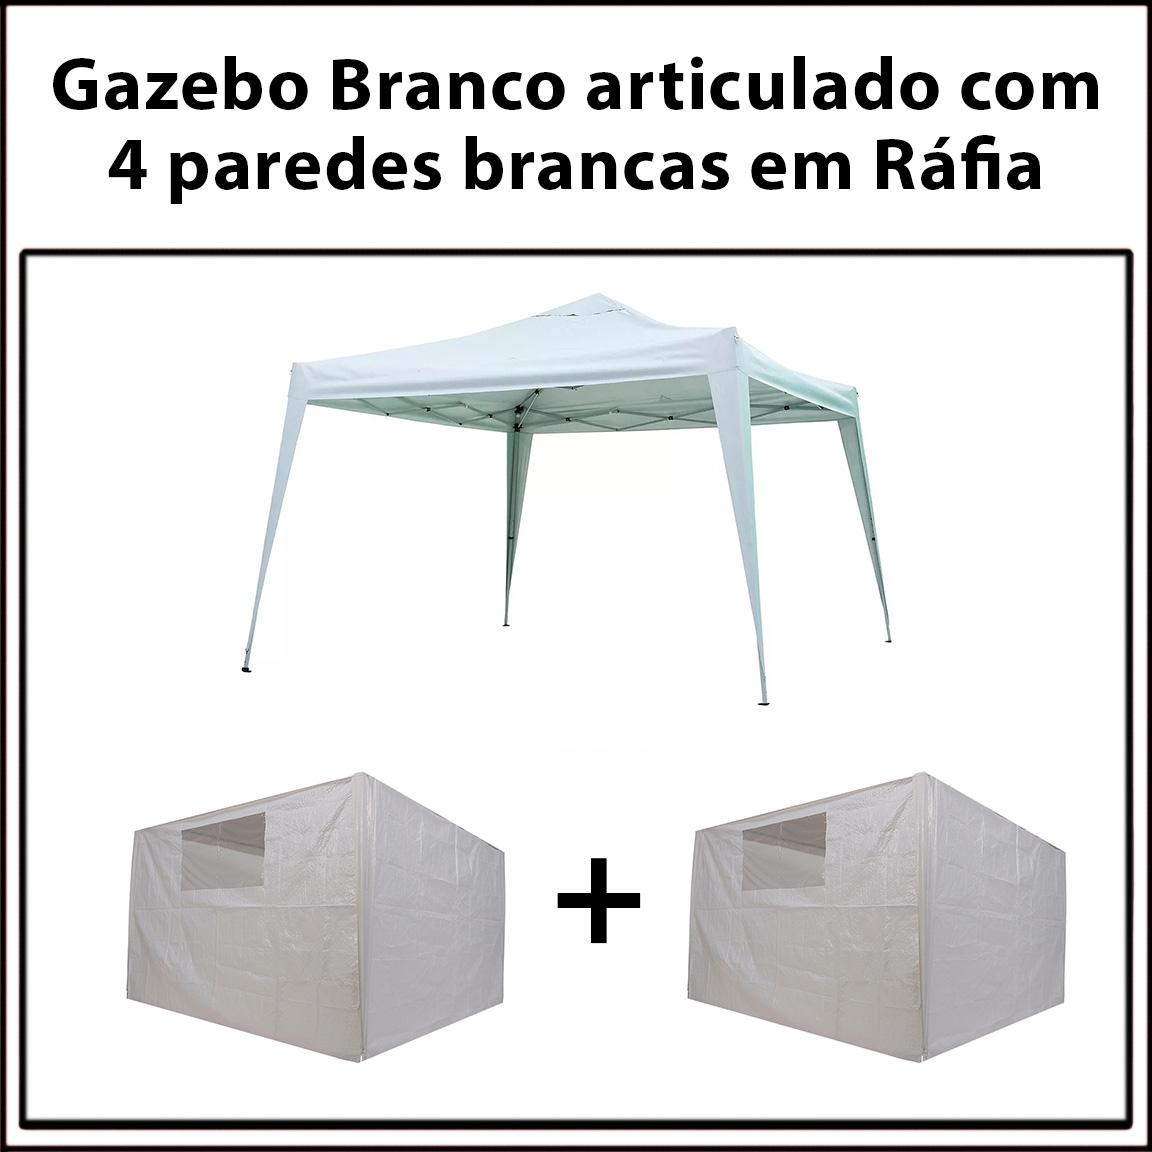 Gazebo 3x3 Articulado Branco em Aço + 4 Paredes Brancas de Ráfia Eleva Mundi